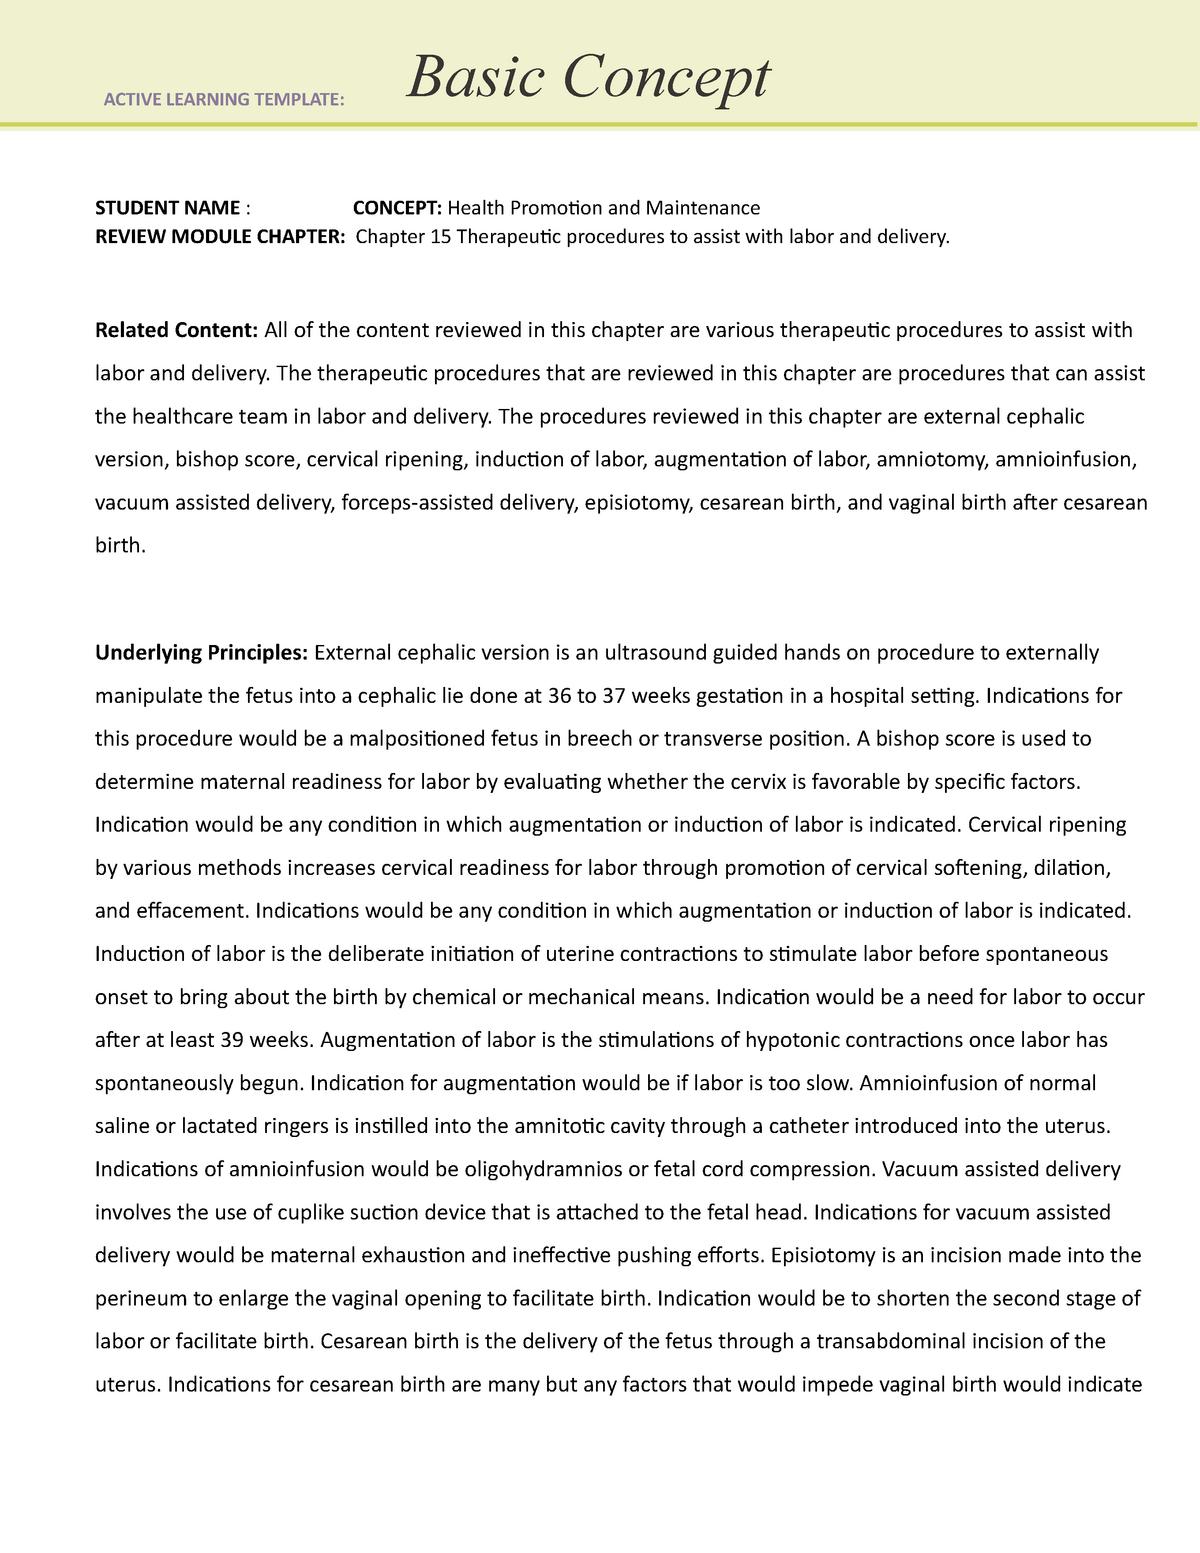 Ati Remediation Nur 4010 Nursing Research App State Studocu